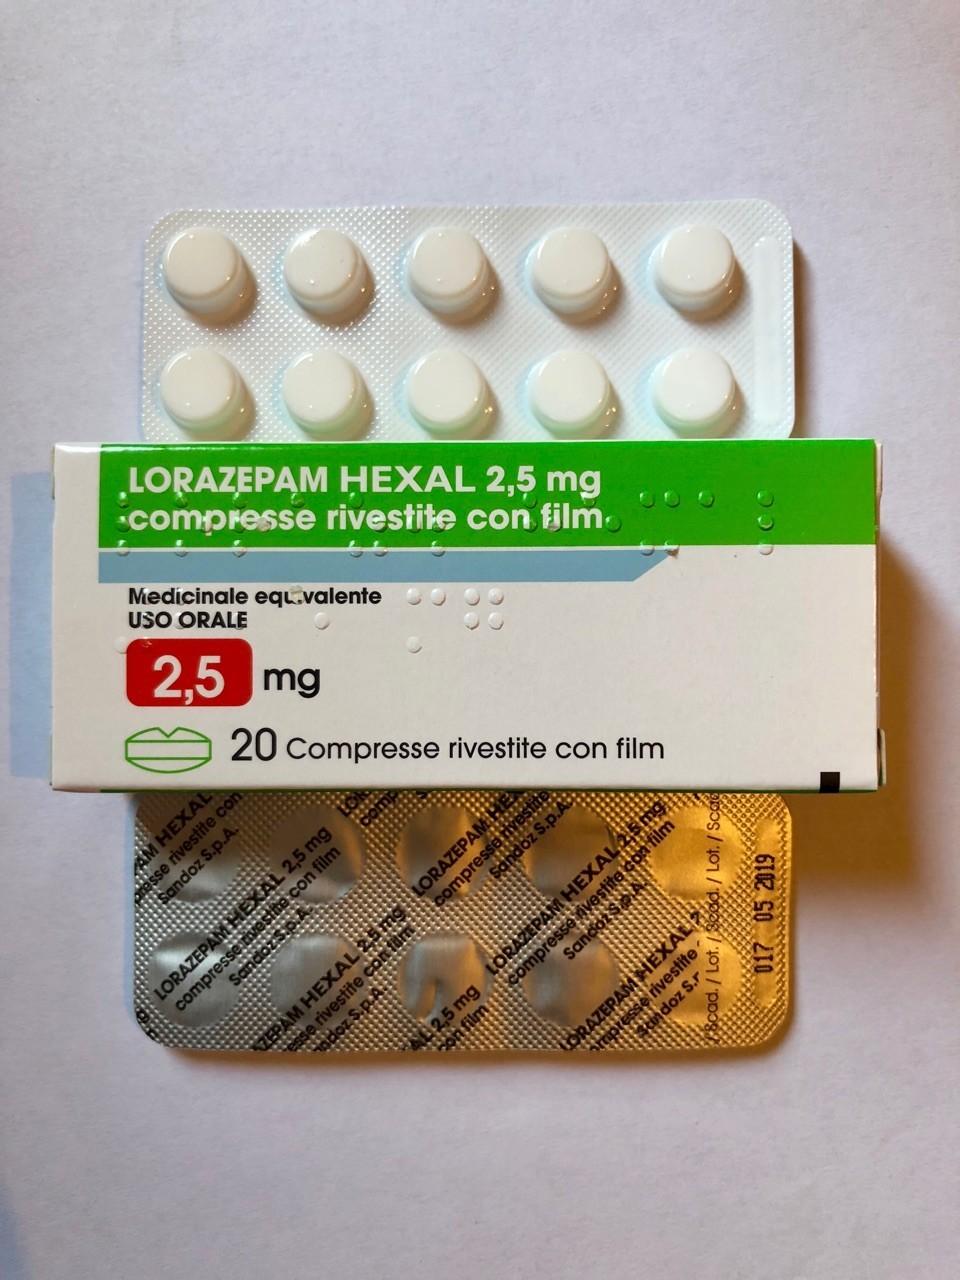 Lorazepam Hexal 2.5mg Brand T